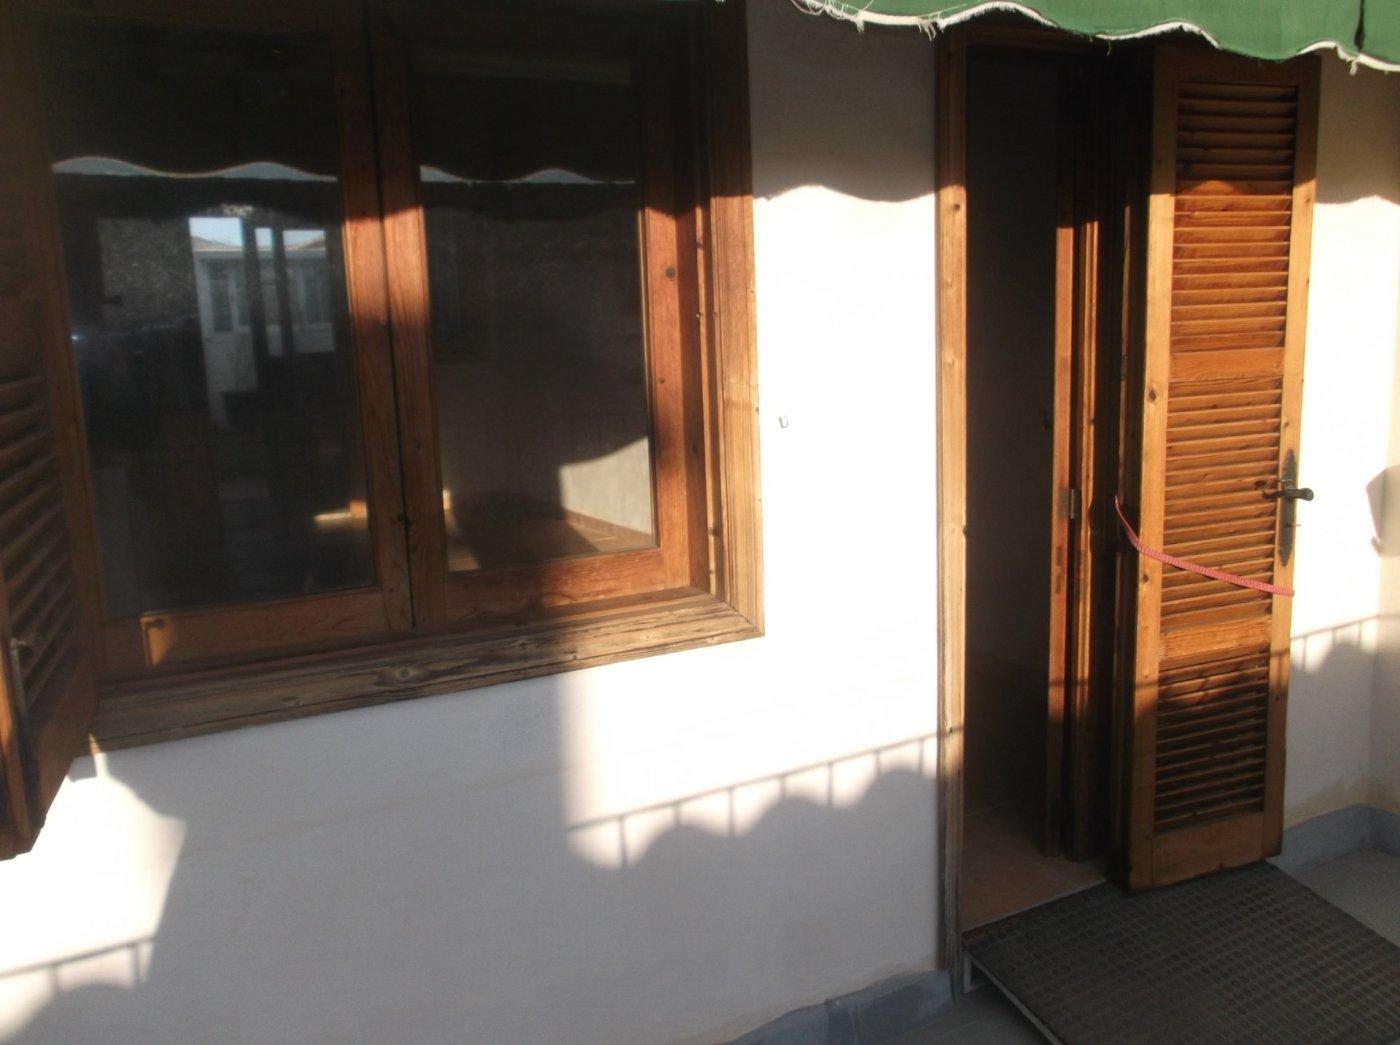 En venta casa de pueblo reformada 3 alturas estilo mallorquin centro llucmajor - imagenInmueble11